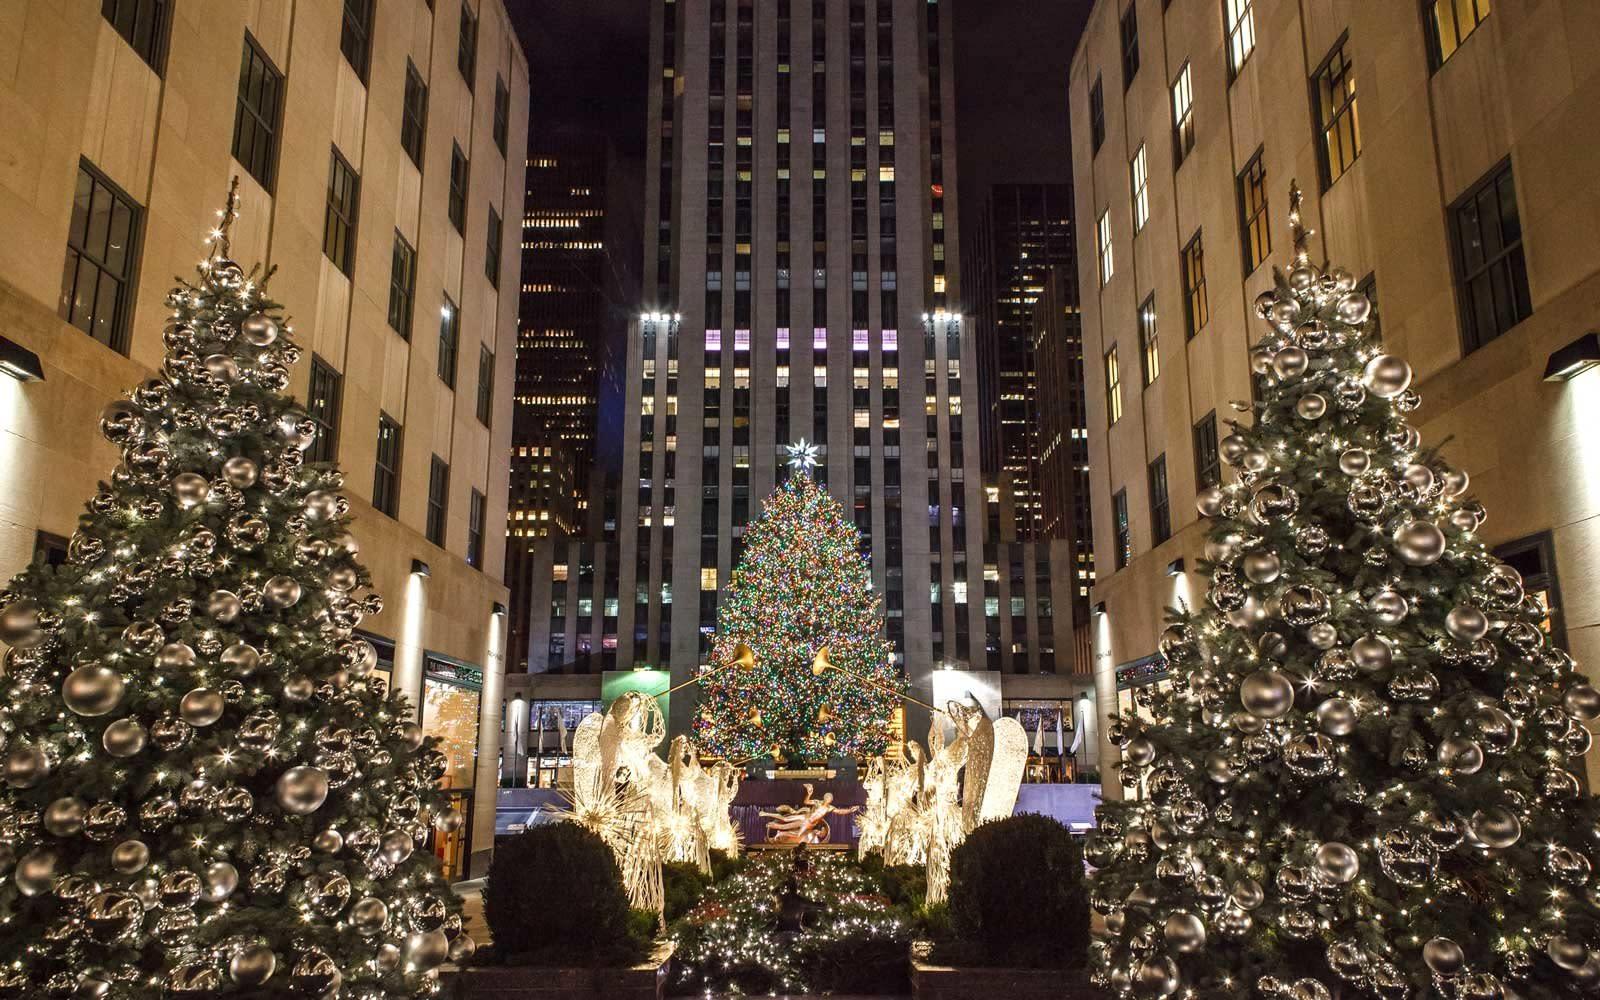 Steve Harvey Christmas Tree.The 2019 Rockefeller Center Christmas Tree Is From Orange County New York